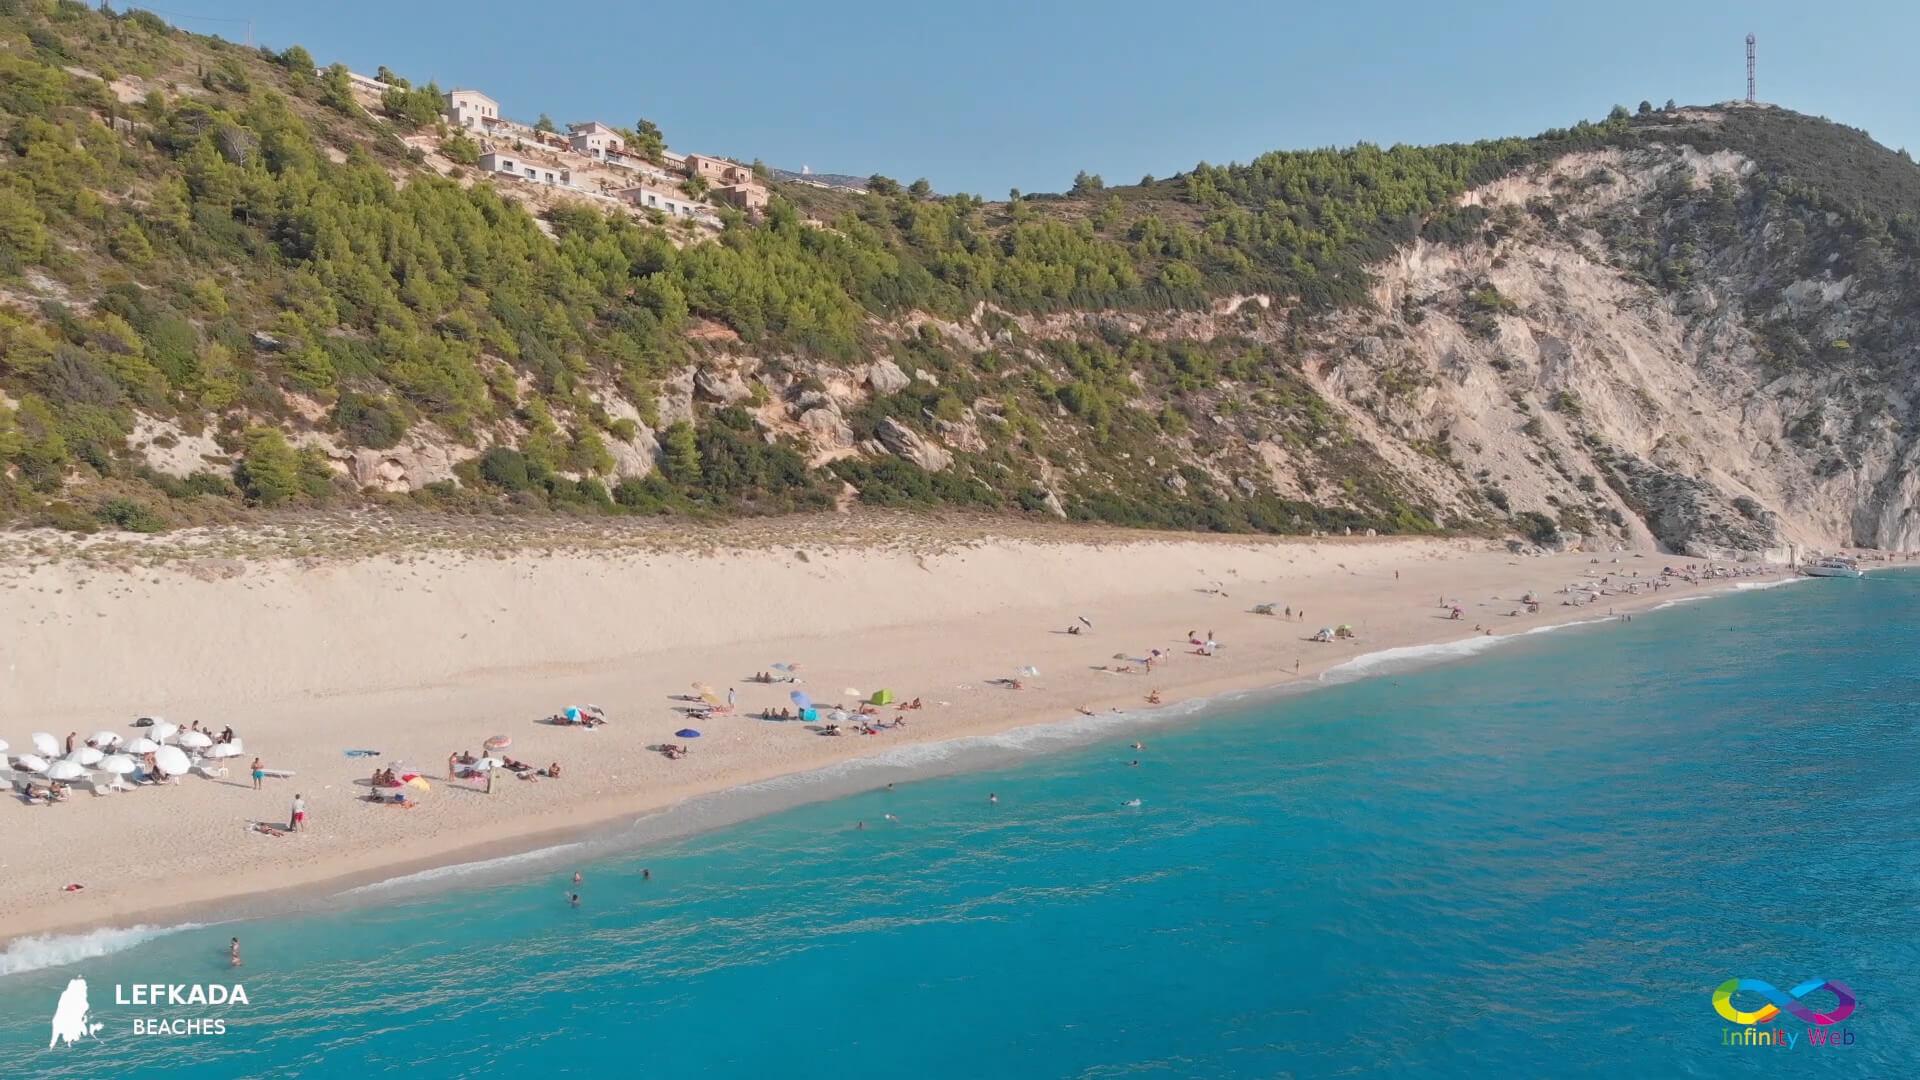 Lefkada beaches Milos Beach